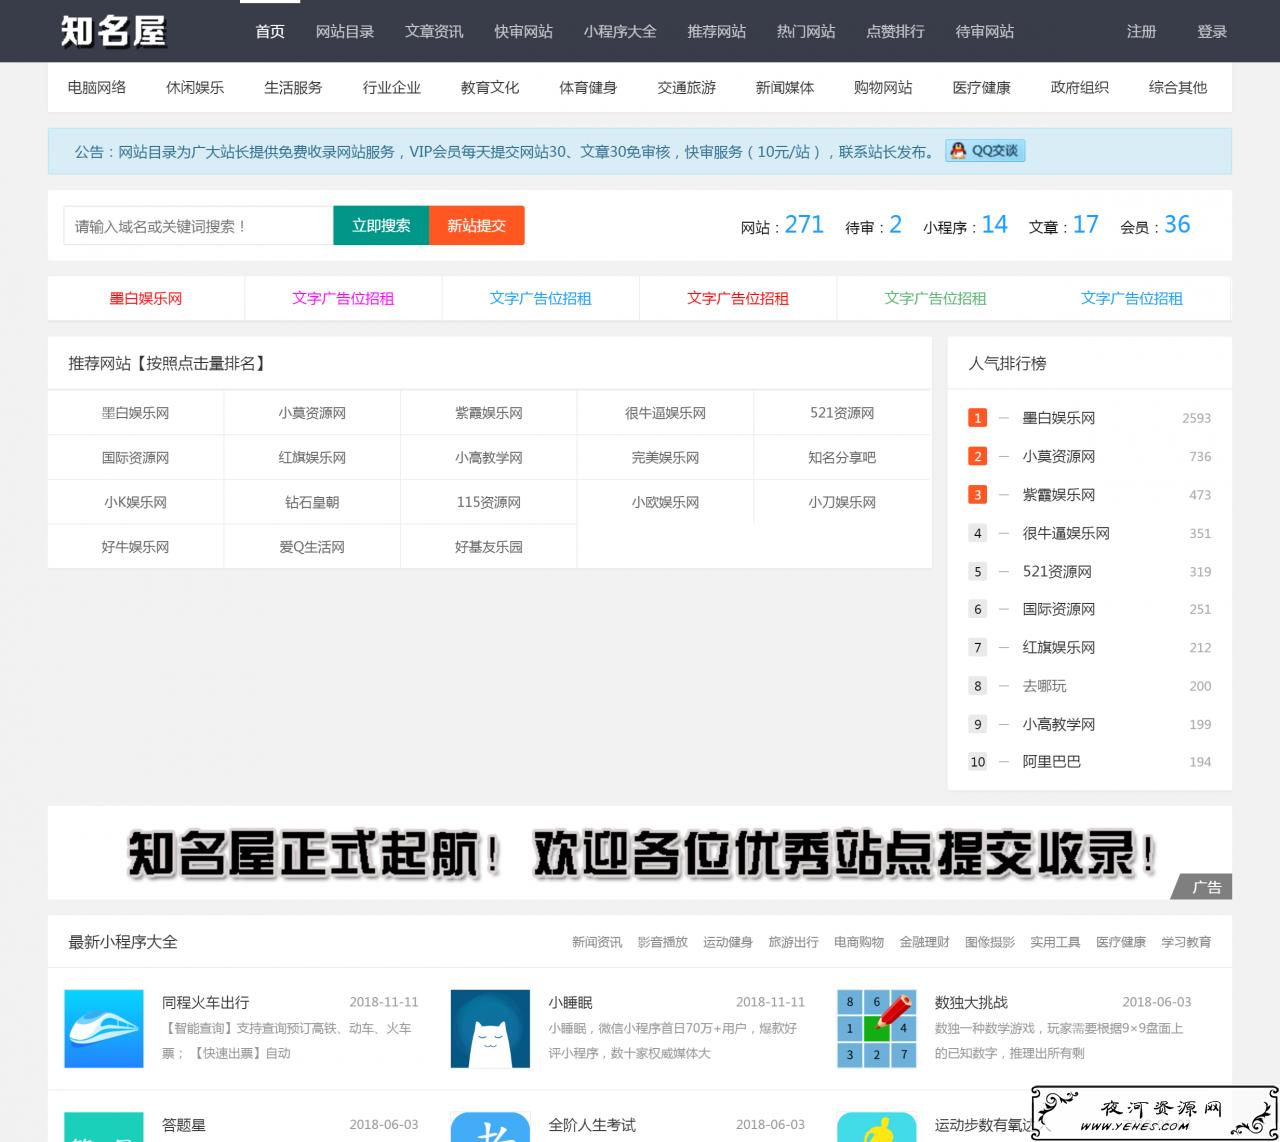 帝国cms模板芒果目录网导航网整站源码分享 附带安装教程